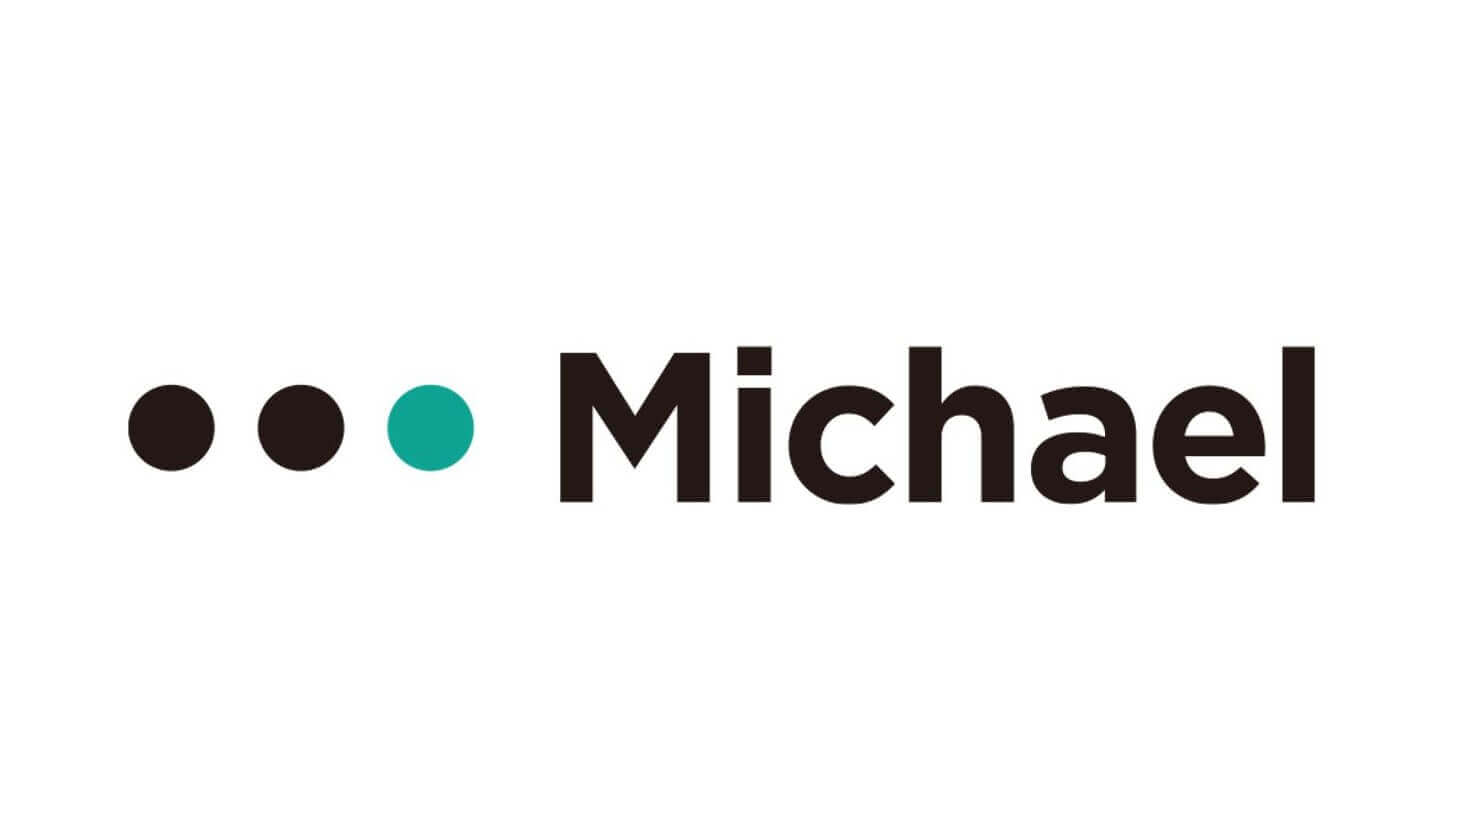 マイケル株式会社の決算/売上/経常利益を調べ、世間の評判を徹底調査